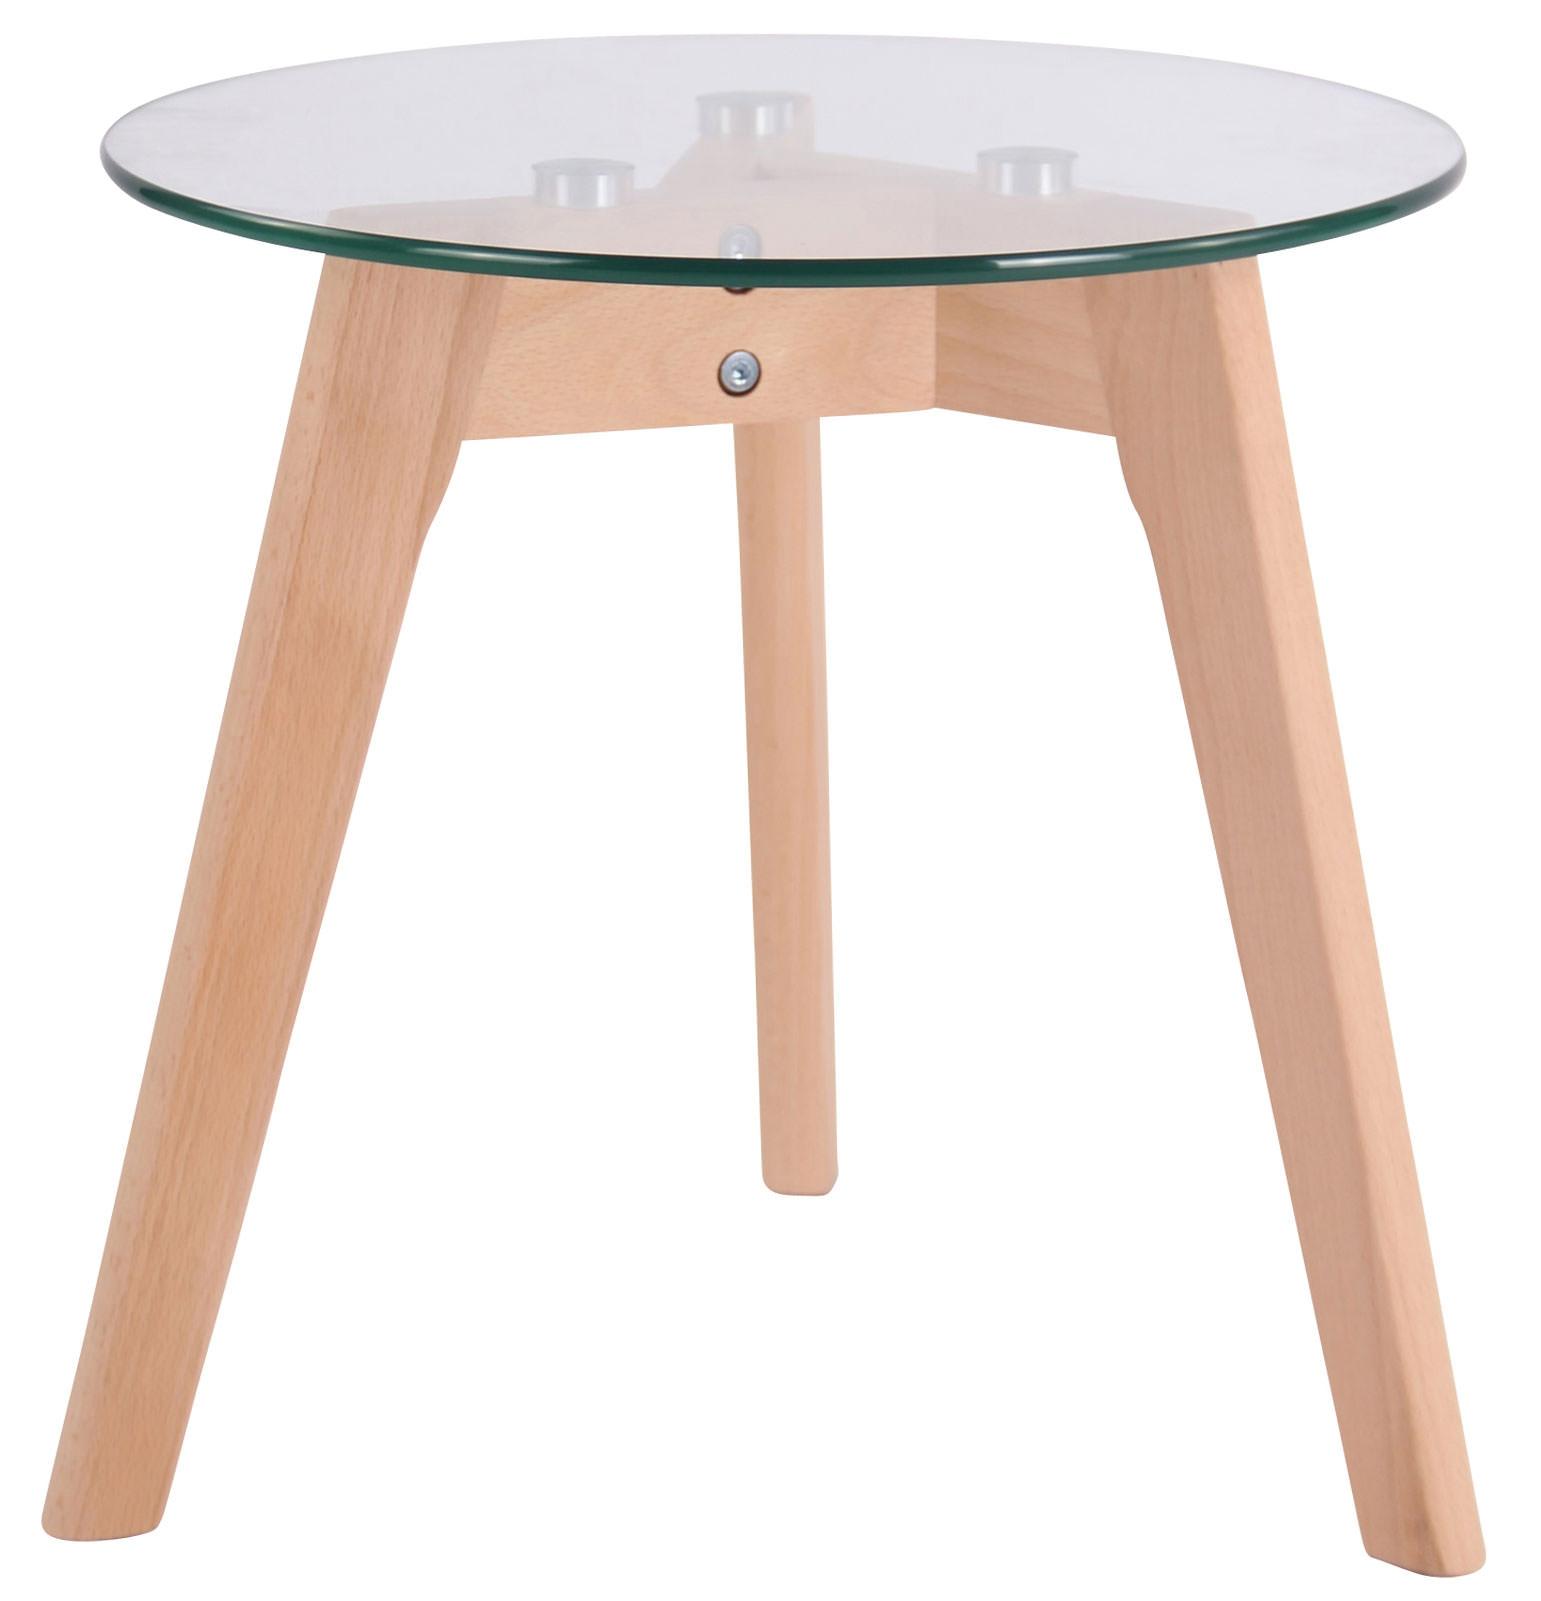 Glastisch Motala-klarglas-Ø 40 cm   Wohnzimmer > Tische > Glastische   CLP